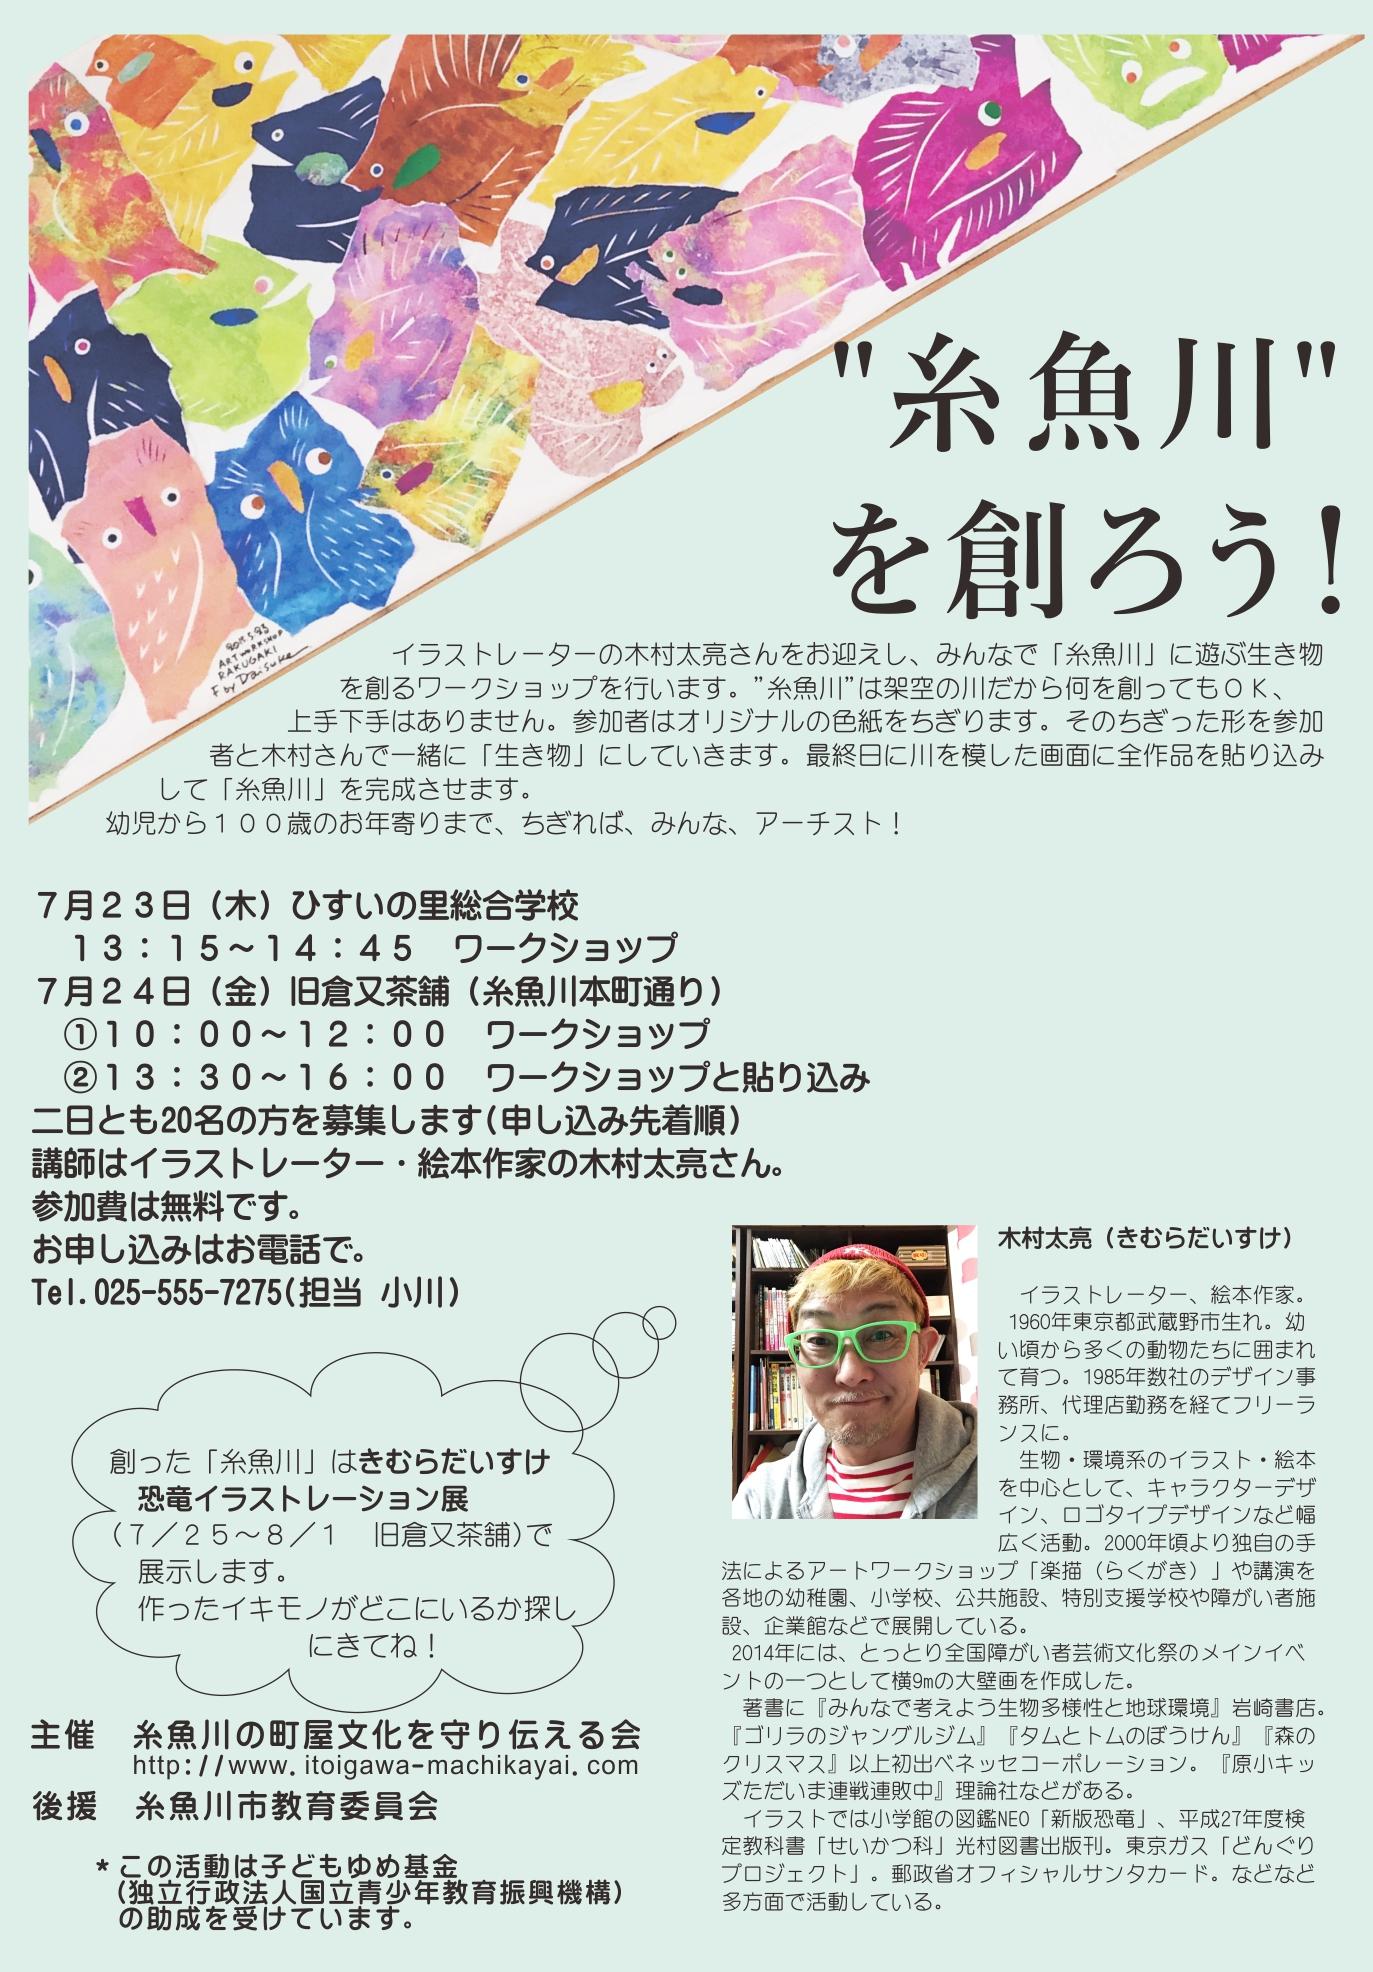 7/23-24 糸魚川を創ろう!